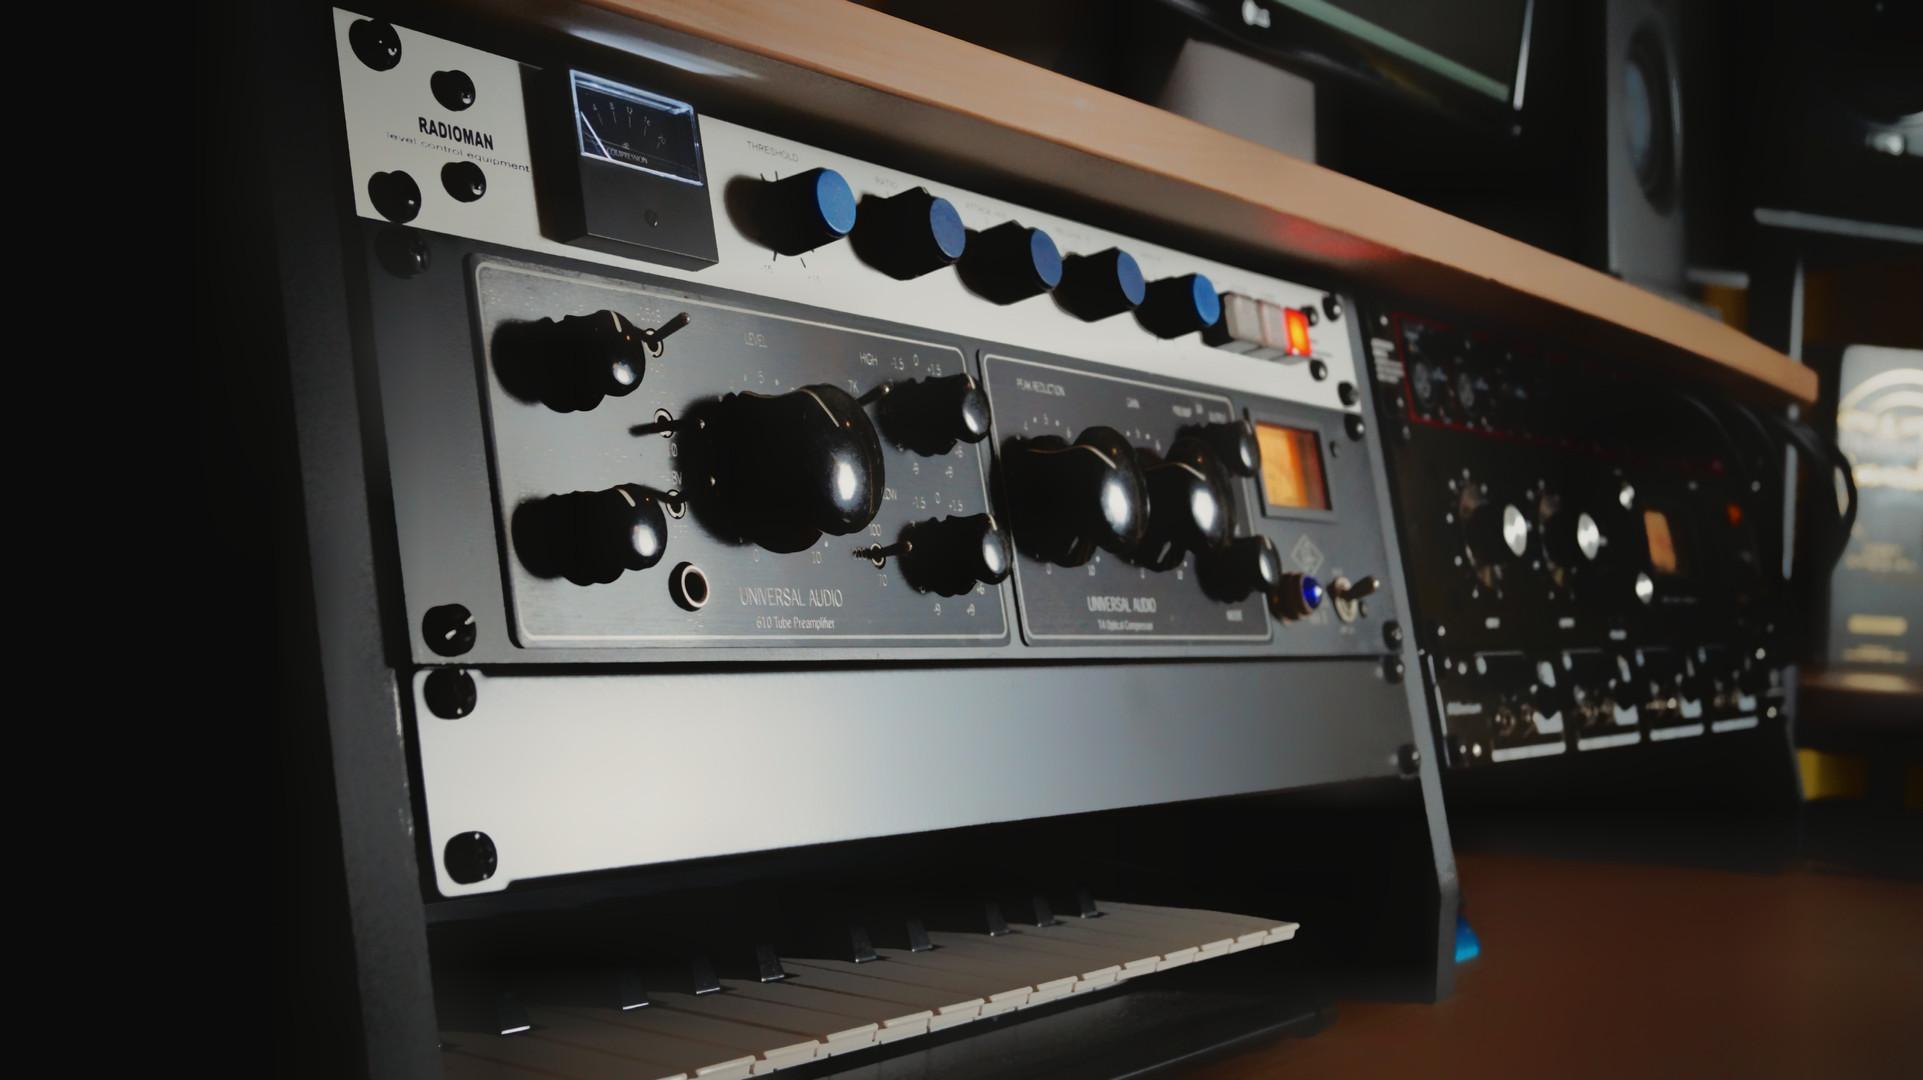 Radioman Stereo Bus Compressor